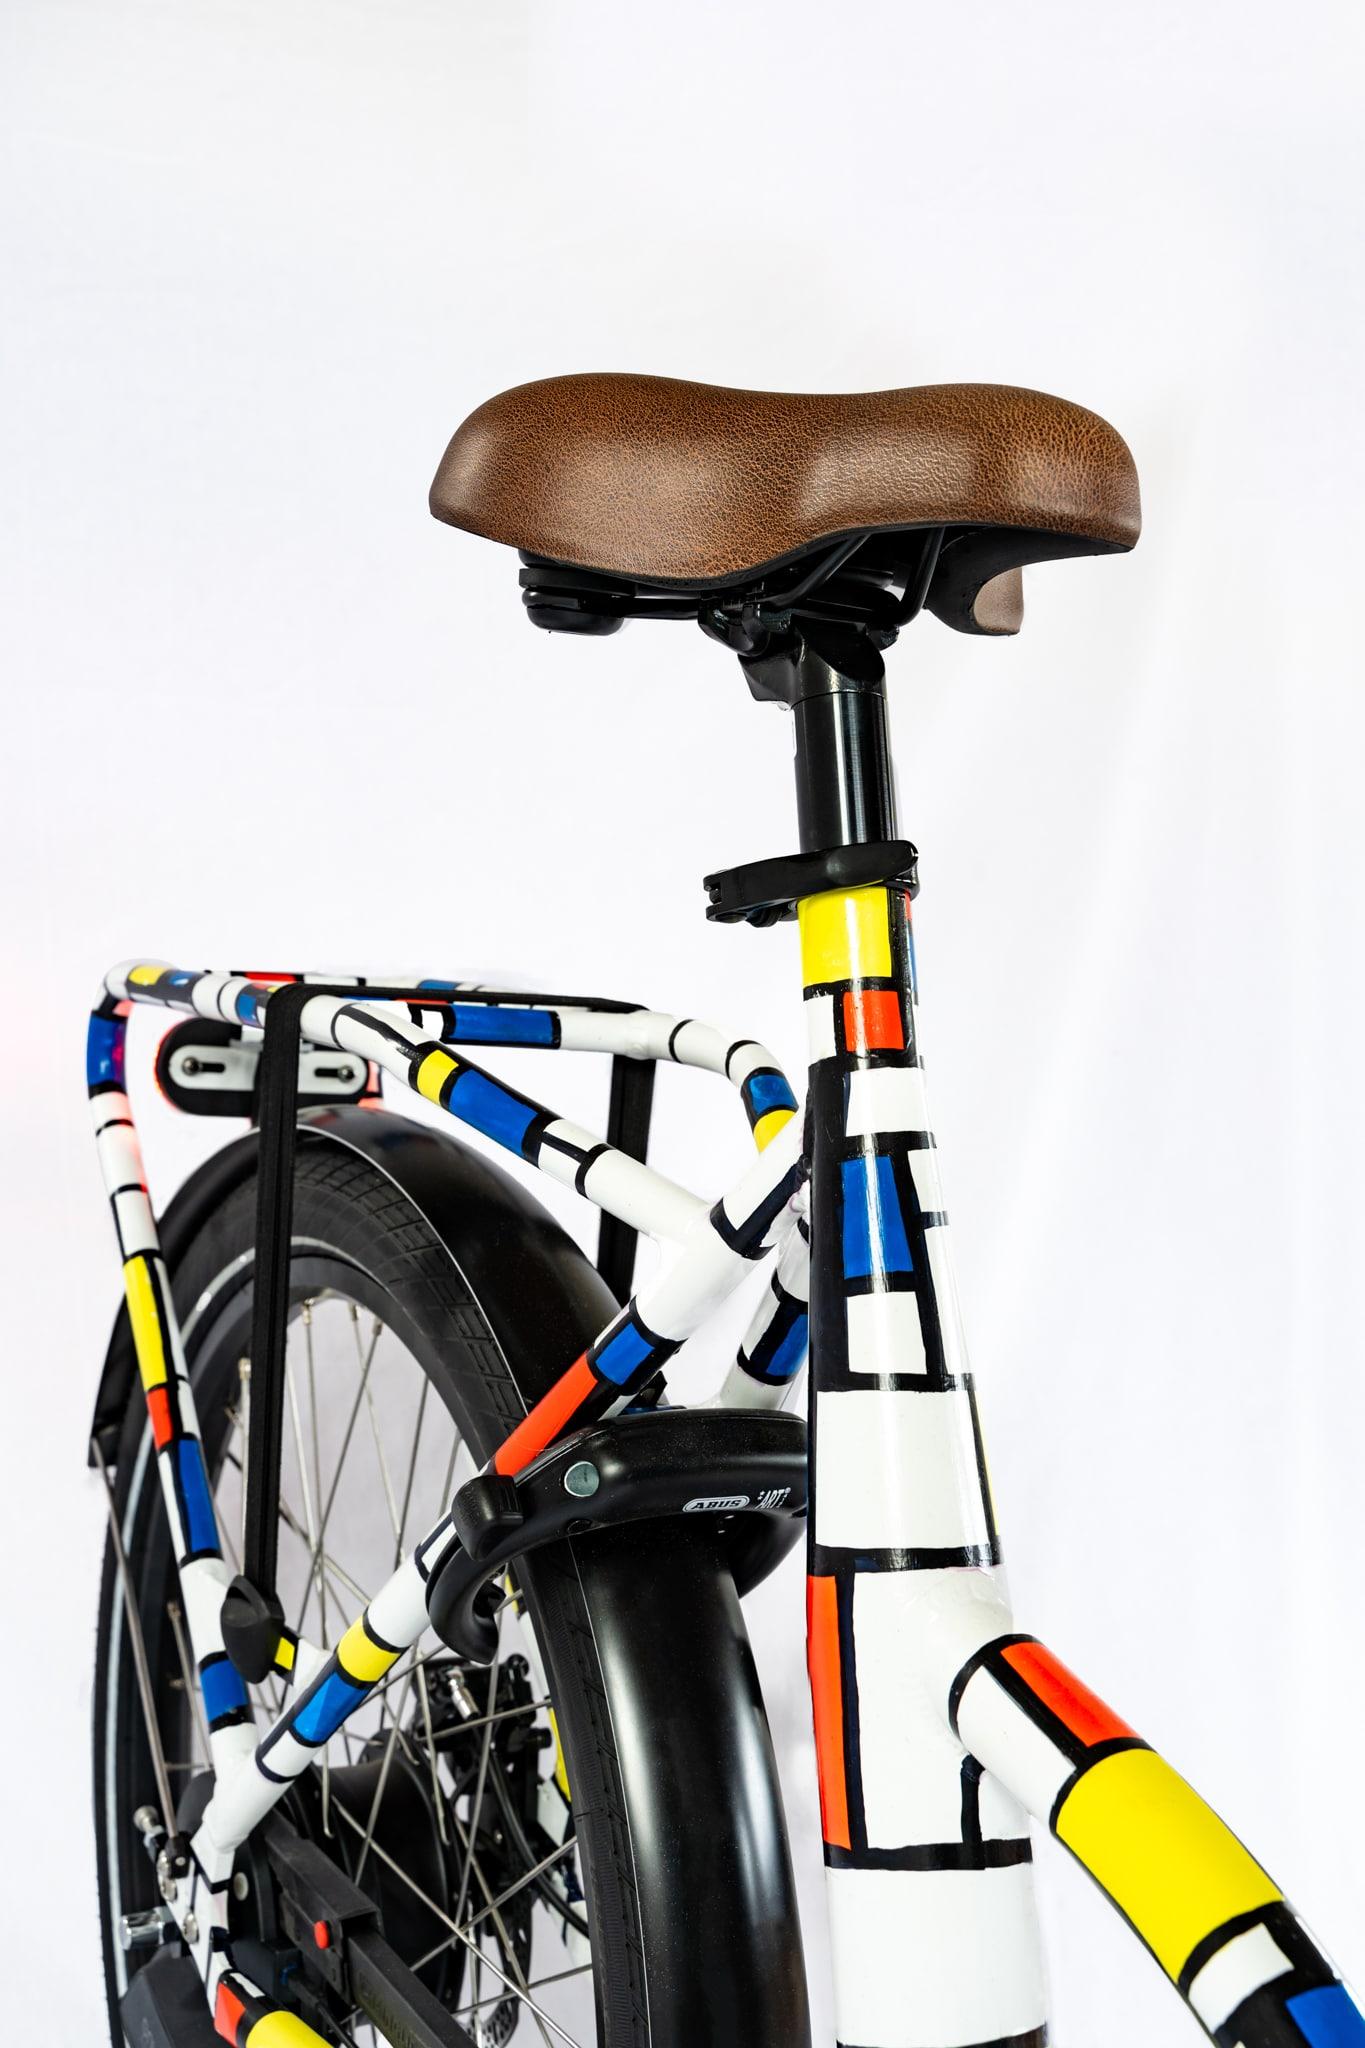 soci.bike Jeroen de Boer TheOlifants kunstproject (3)